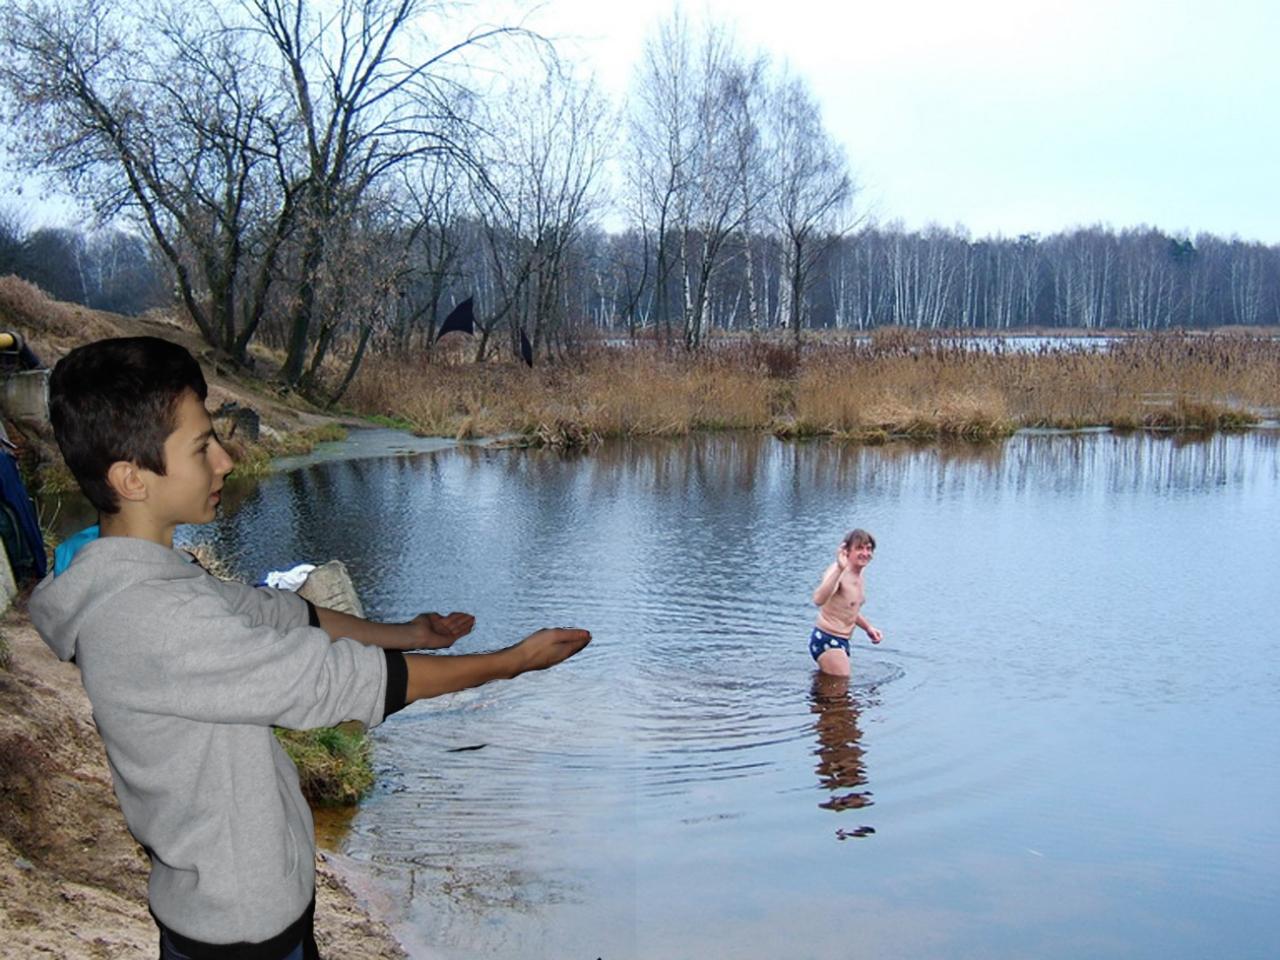 #фотошоплю #80лвл #шикарно #озеро #отдых #аха #четко #лето #россия #украина photo andrey